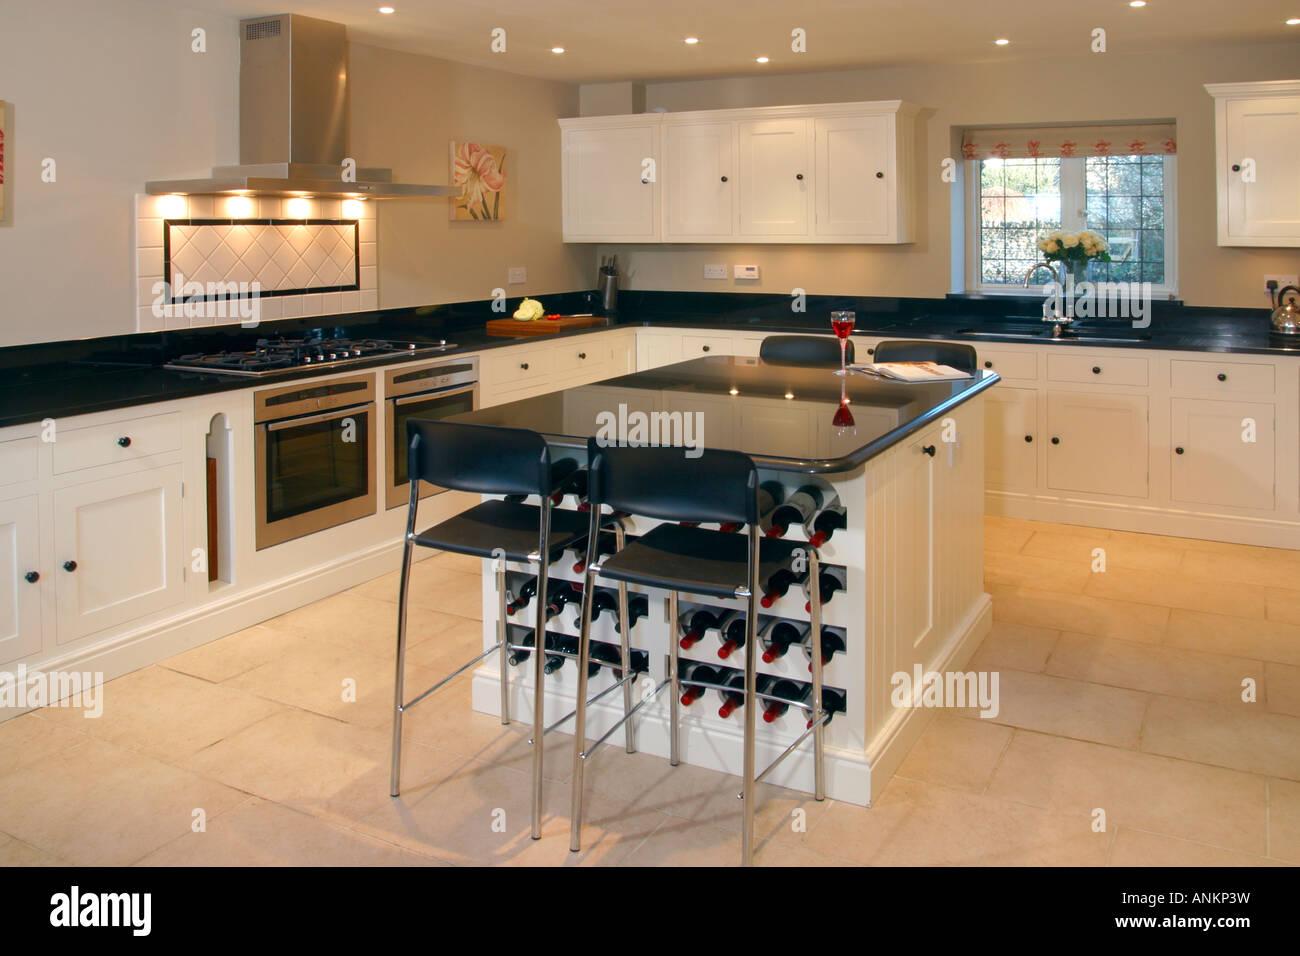 Steinboden Küche uk property haus interieur modernen stilvollen küche mit